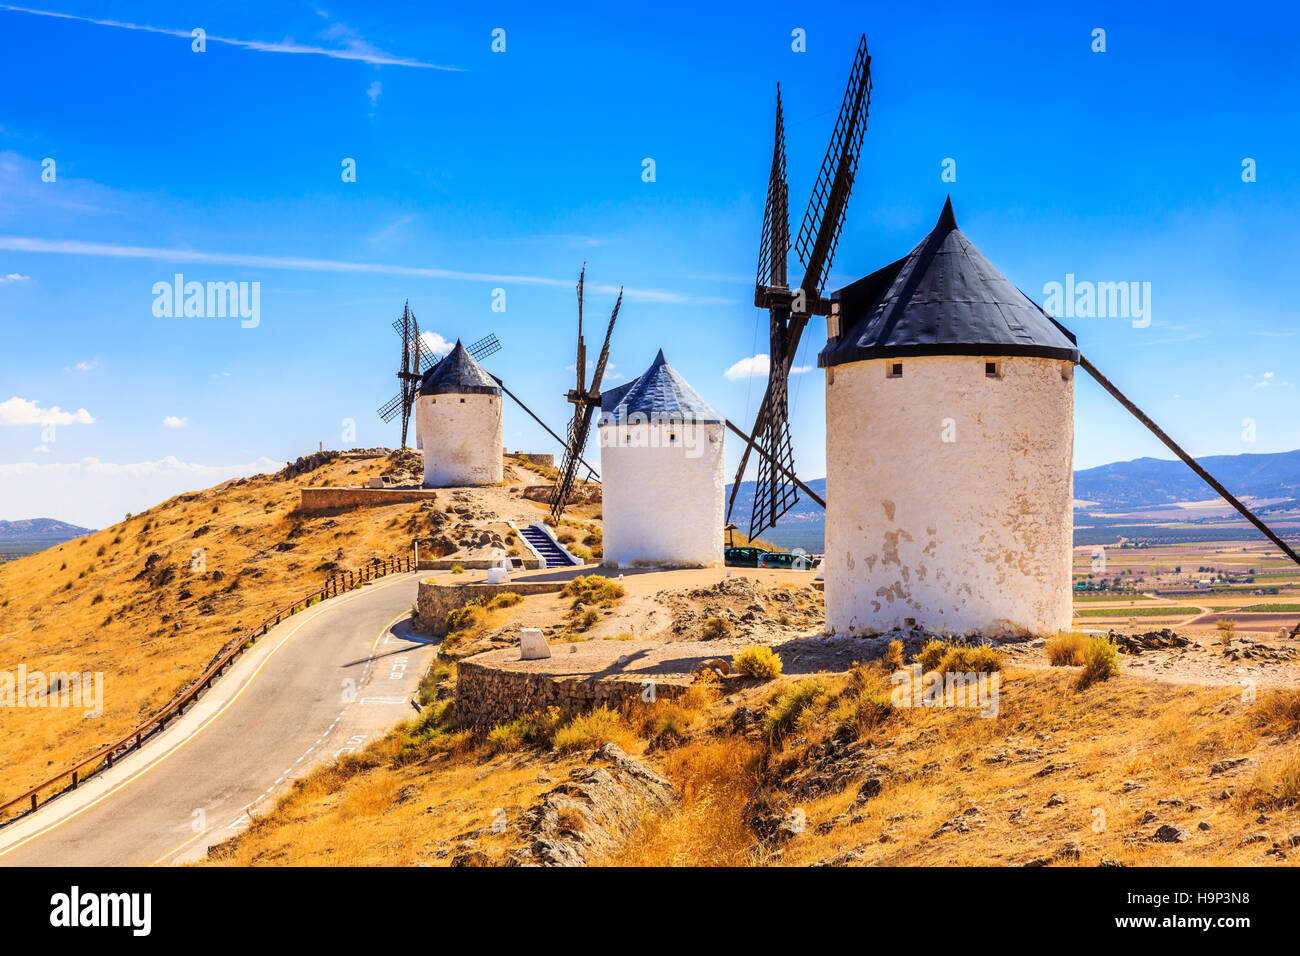 Consuegra, Spanien. Windmühlen von Don Quijote in der Provinz Toledo. Stockbild